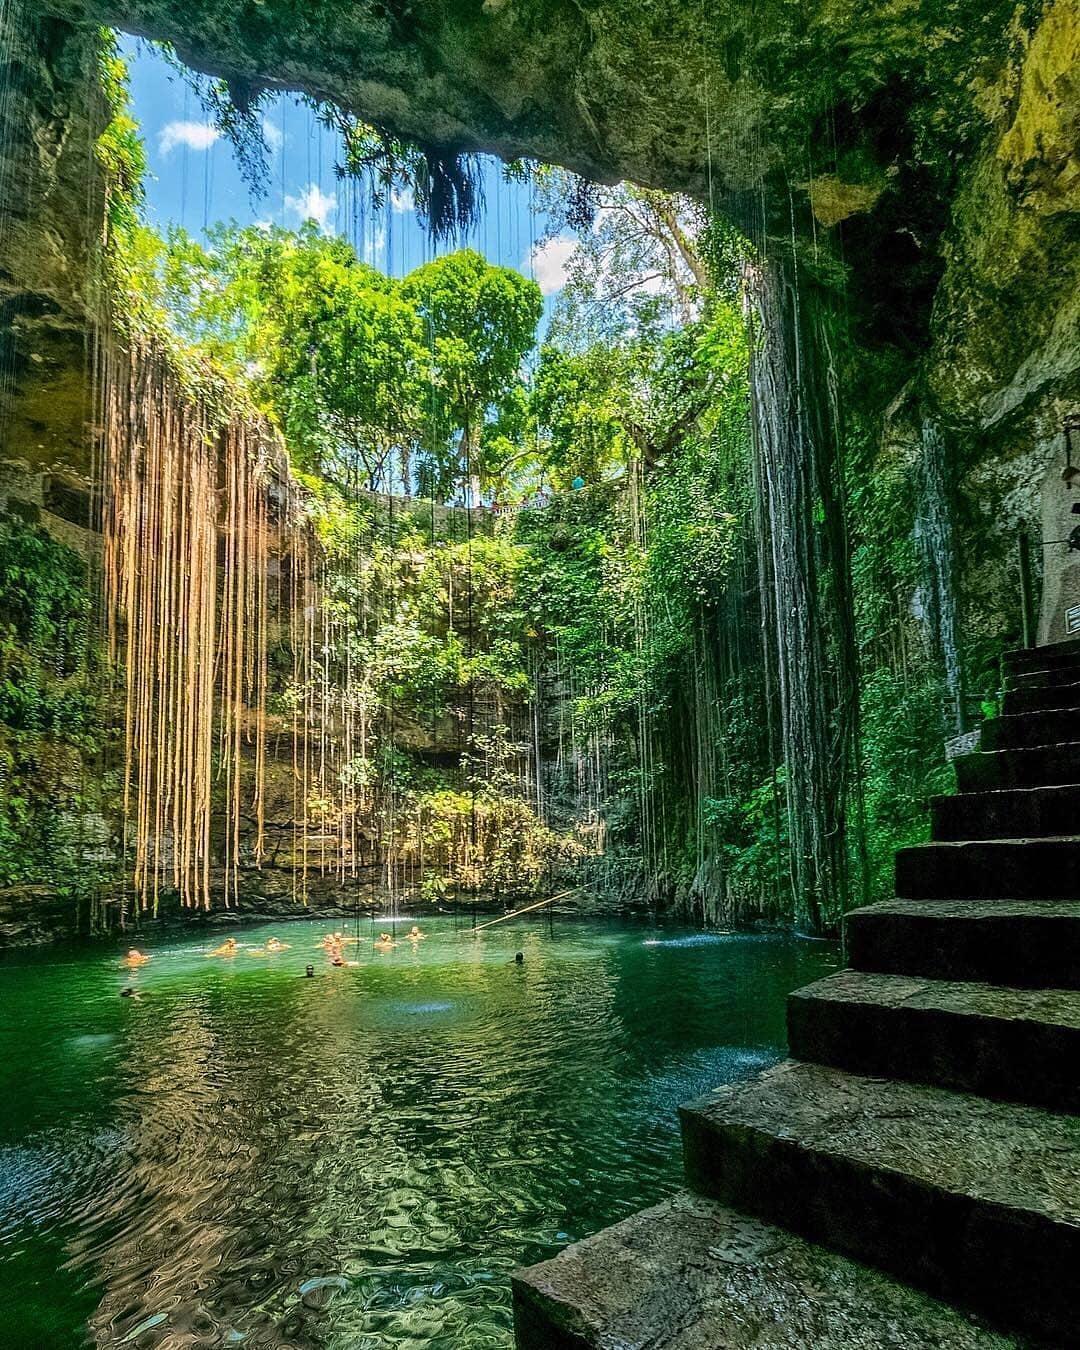 21個「美到眼睛都不自覺噴淚」的罕見美景照 鏡面溫泉保證你捨不得跳下去!